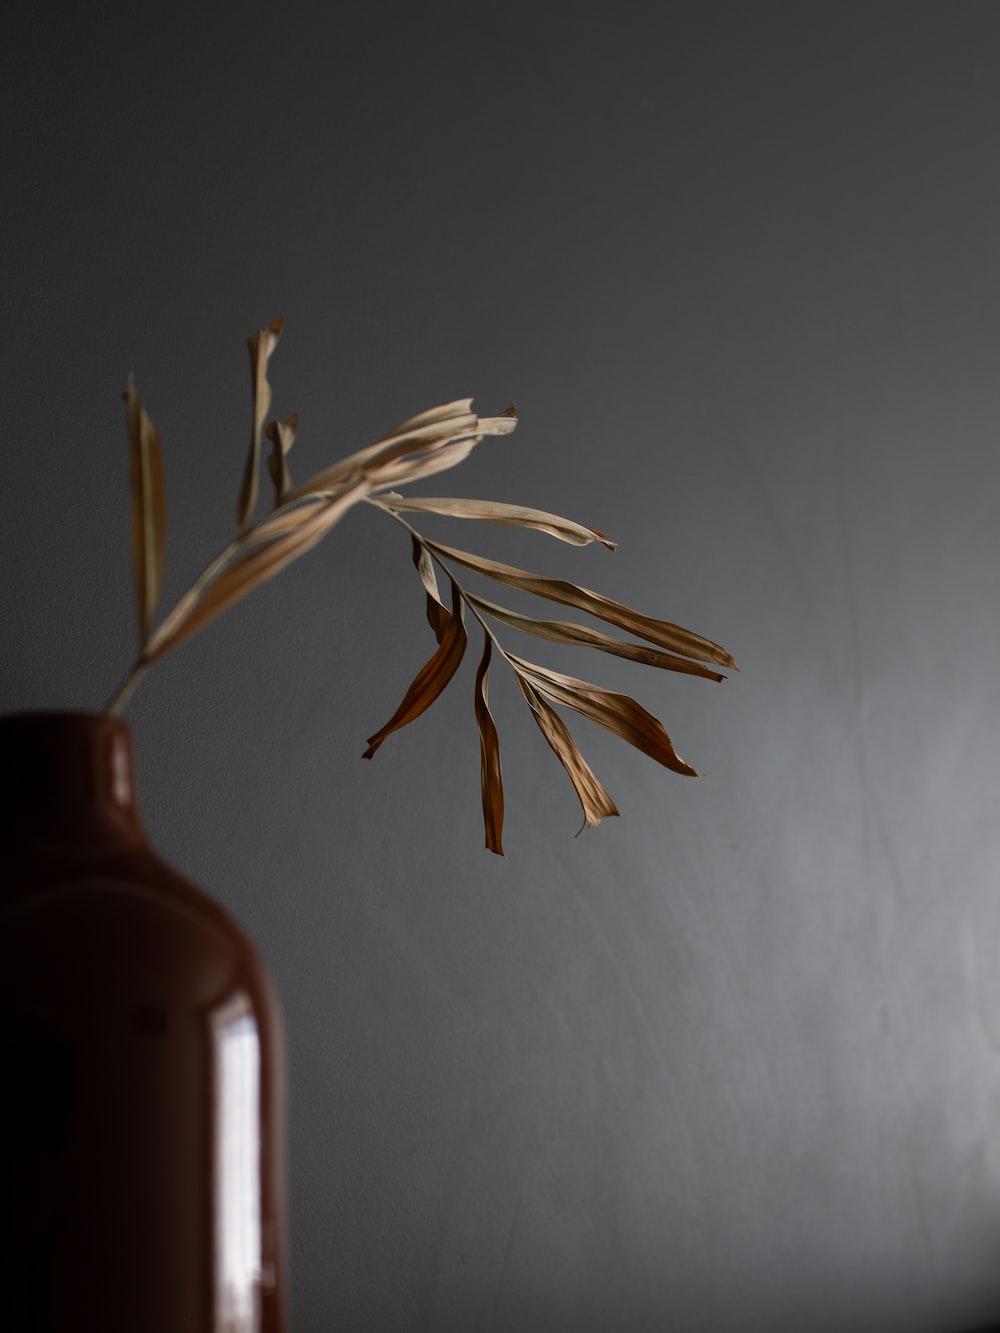 brown plant in brown ceramic vase